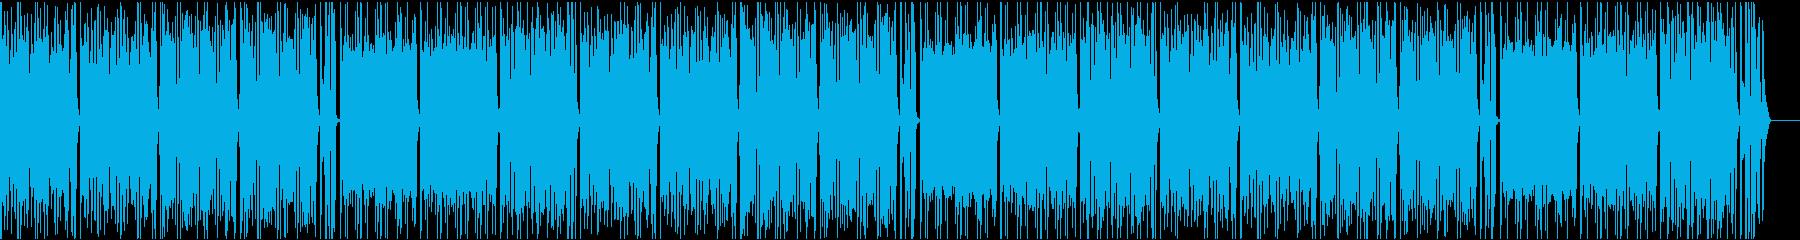 おしゃれイケイケ/カラオケの再生済みの波形